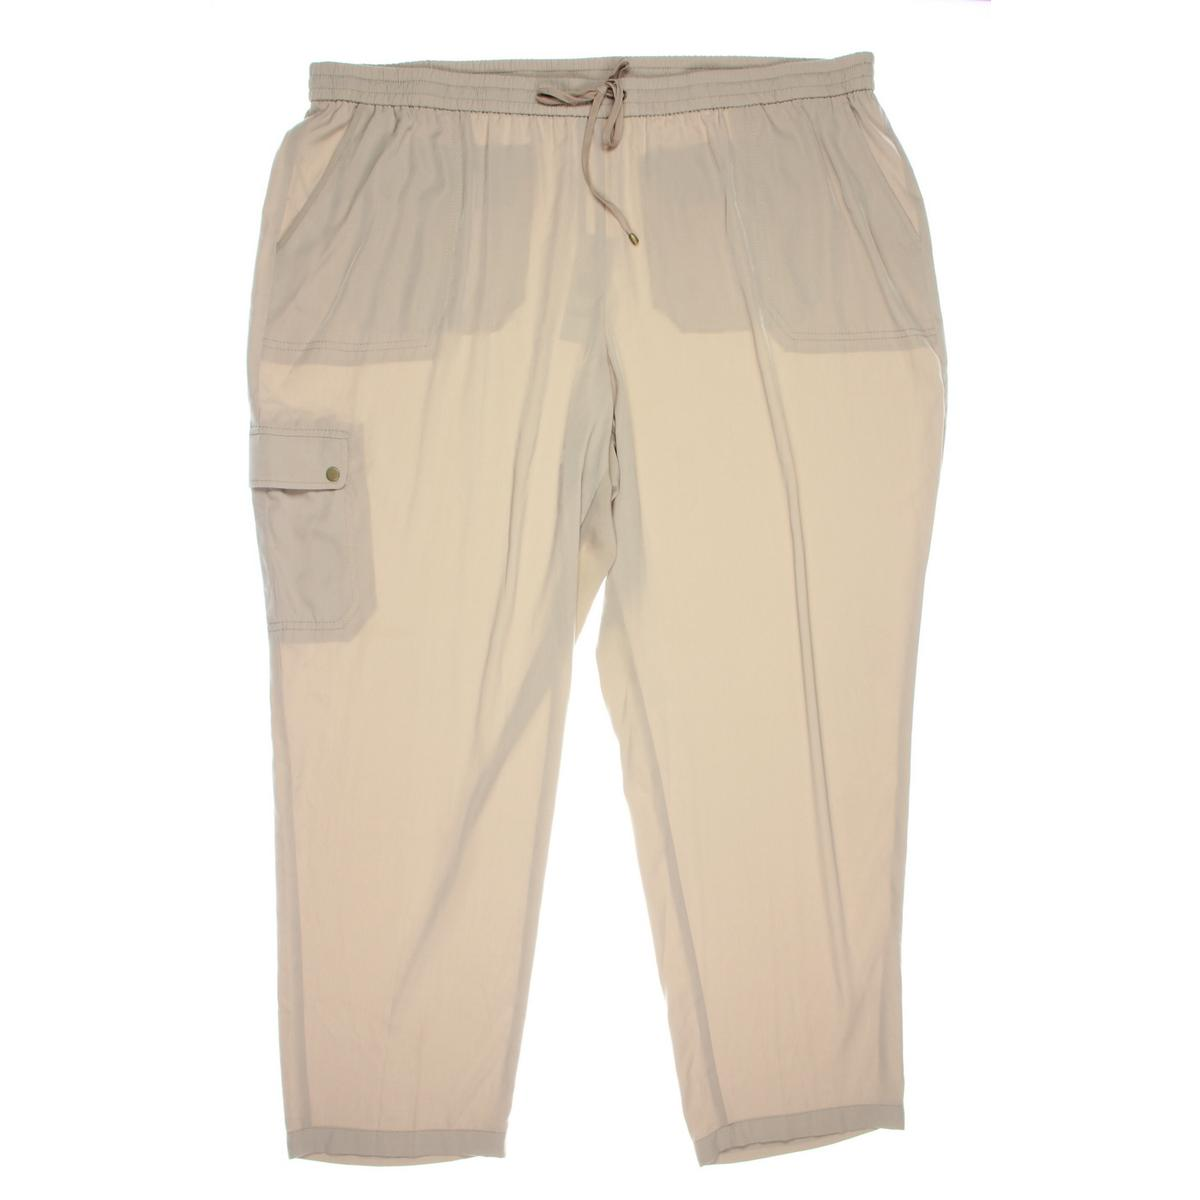 Model Ou0026#39;Neill Lm Point Break Cargo Pants - Byron Beige | Free UK Delivery*